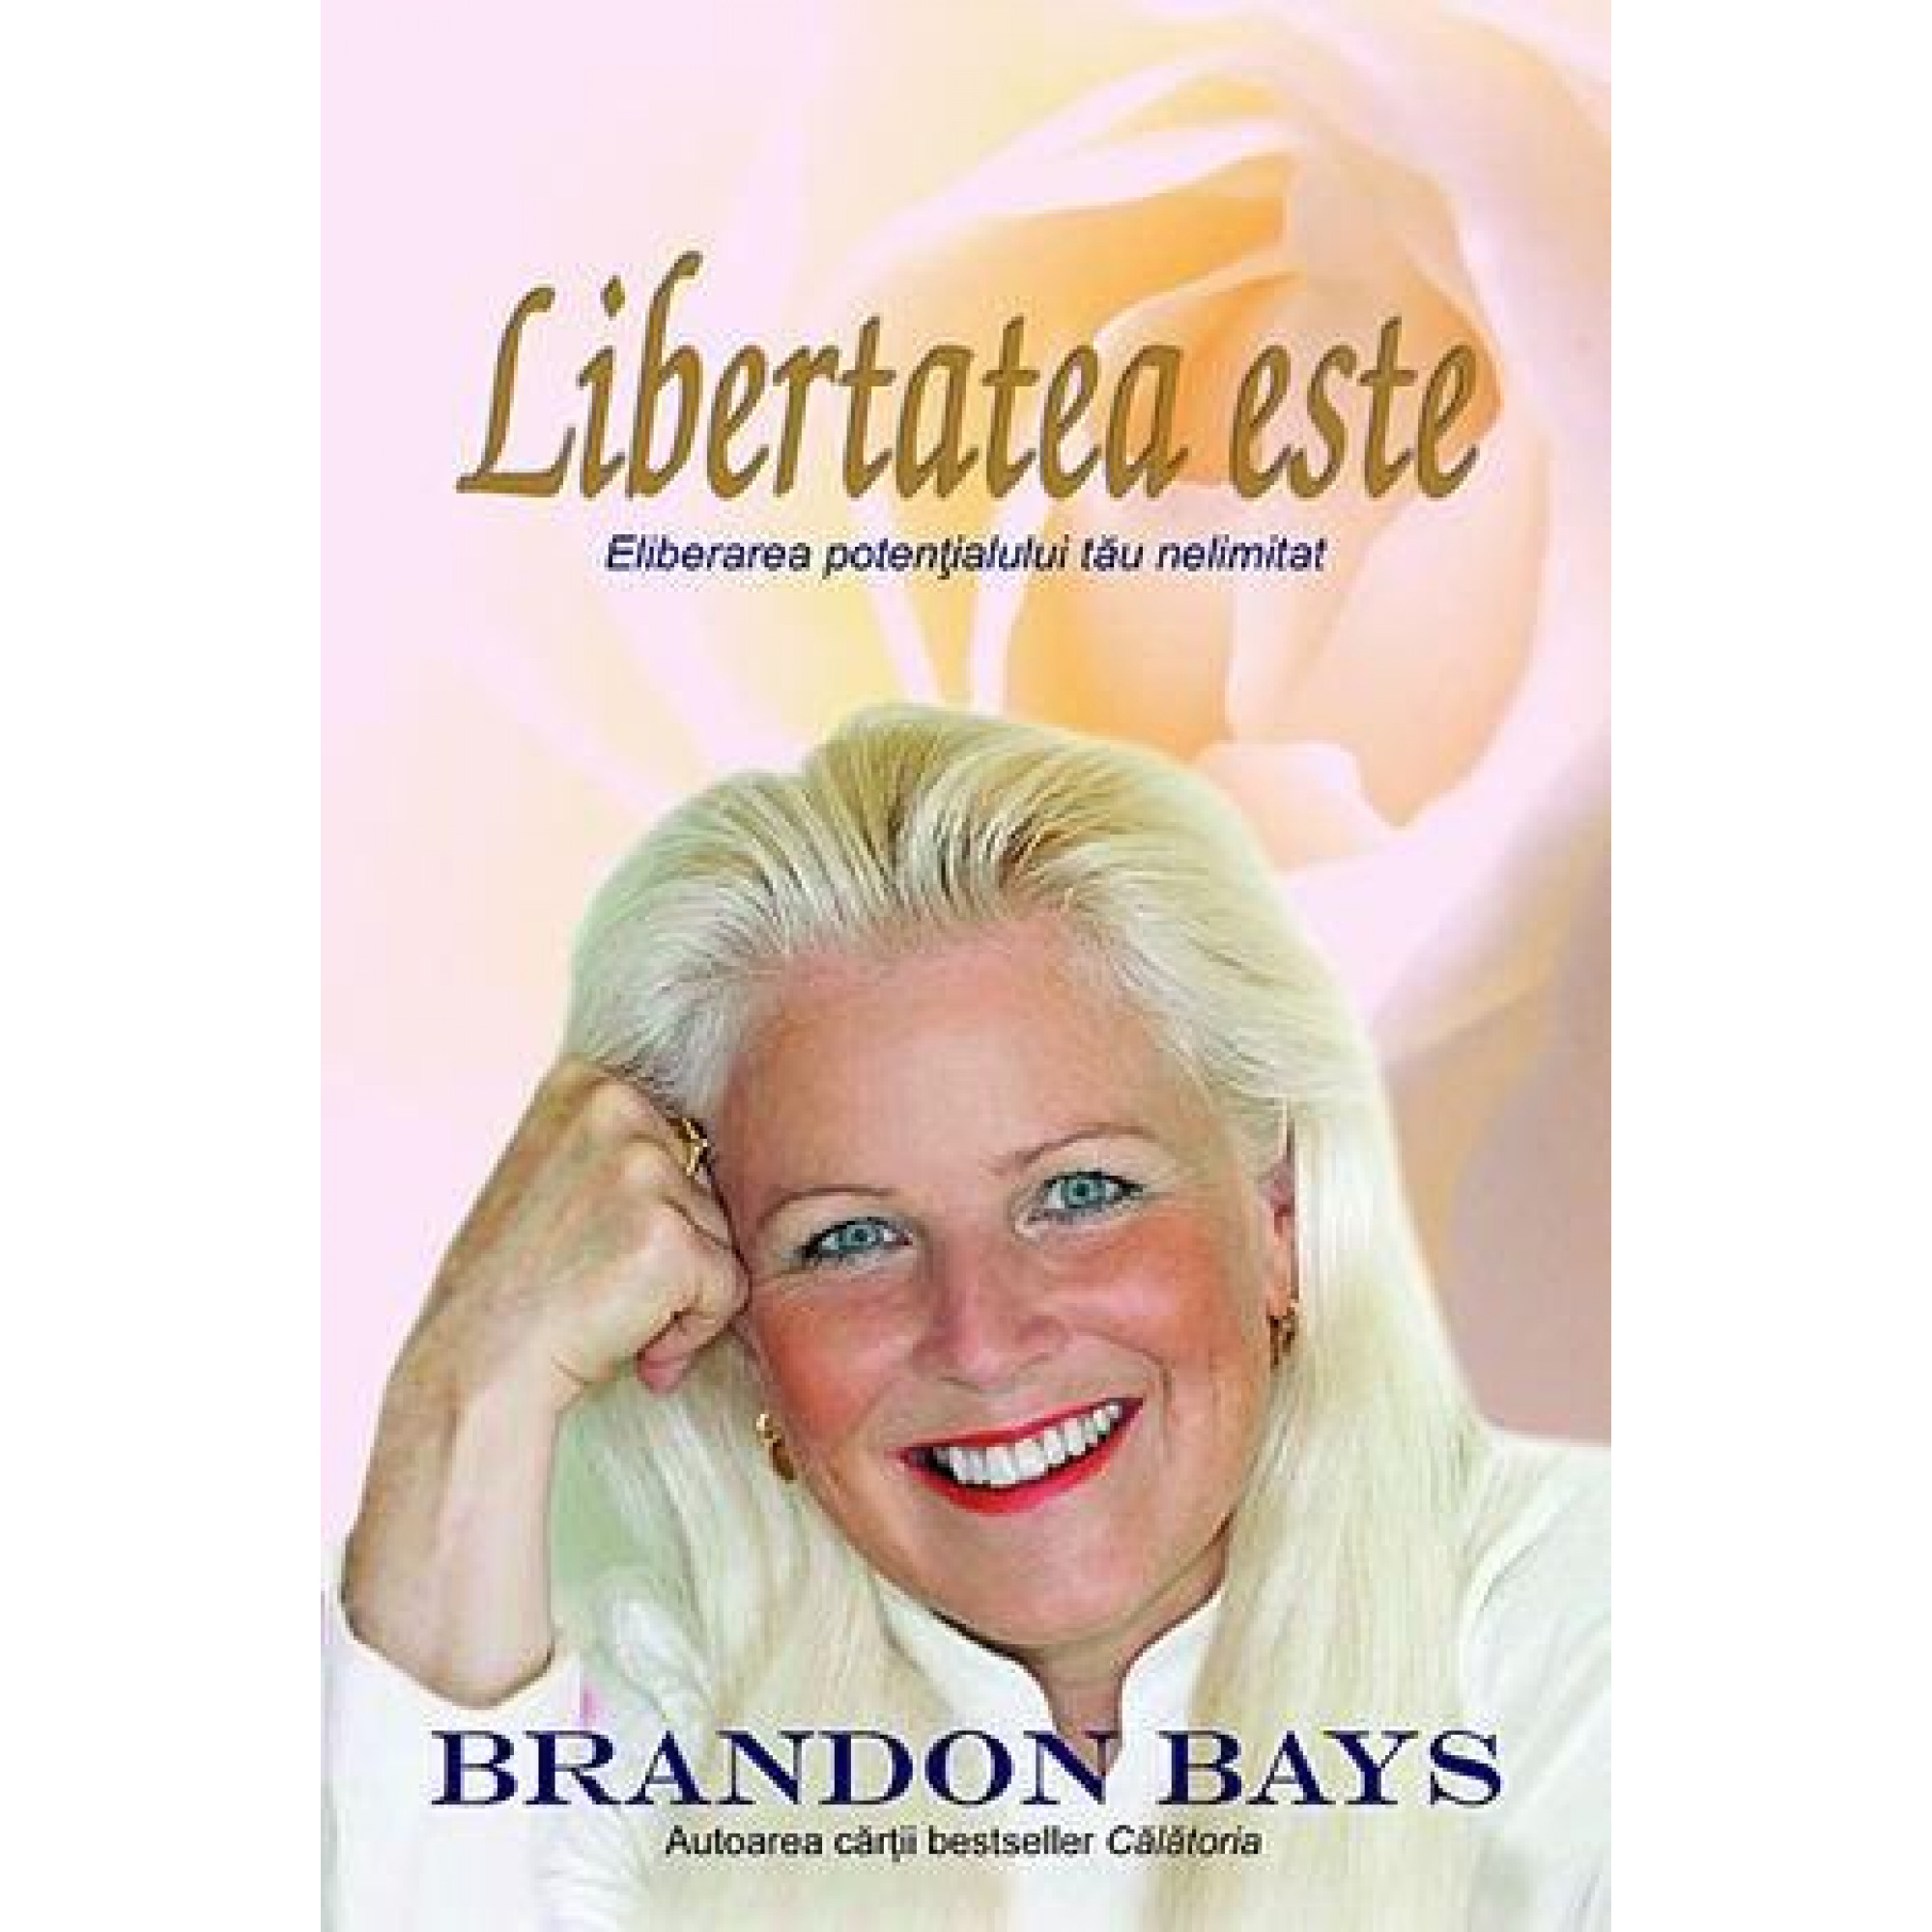 Libertatea este Eliberarea potențialului tău nelimitat